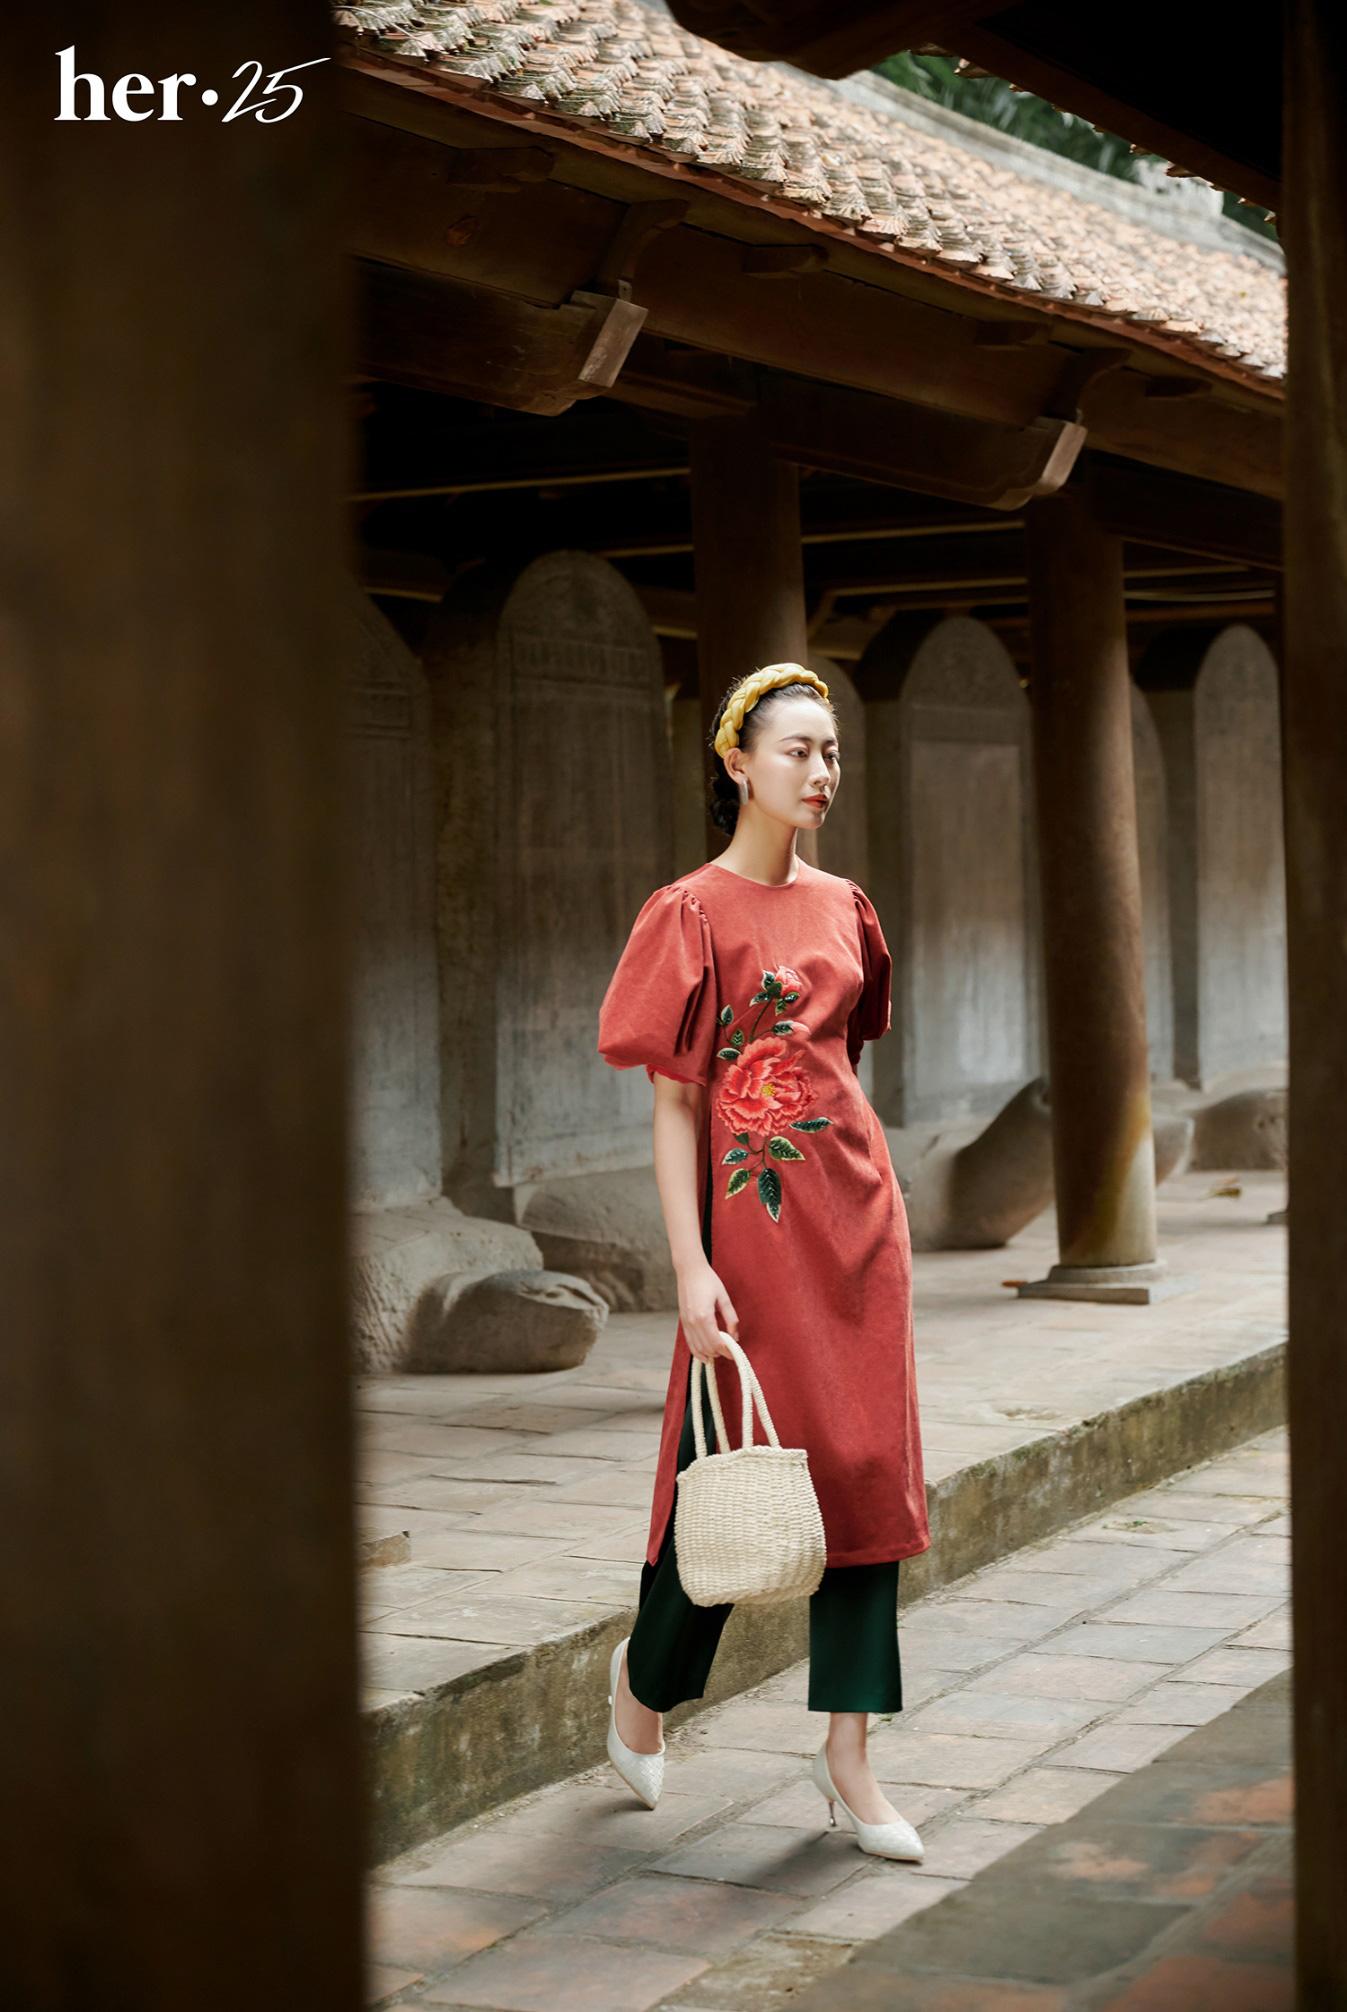 Tết mặc áo dài không mập với 5 tips dễ thử từ HER 25 - Ảnh 2.